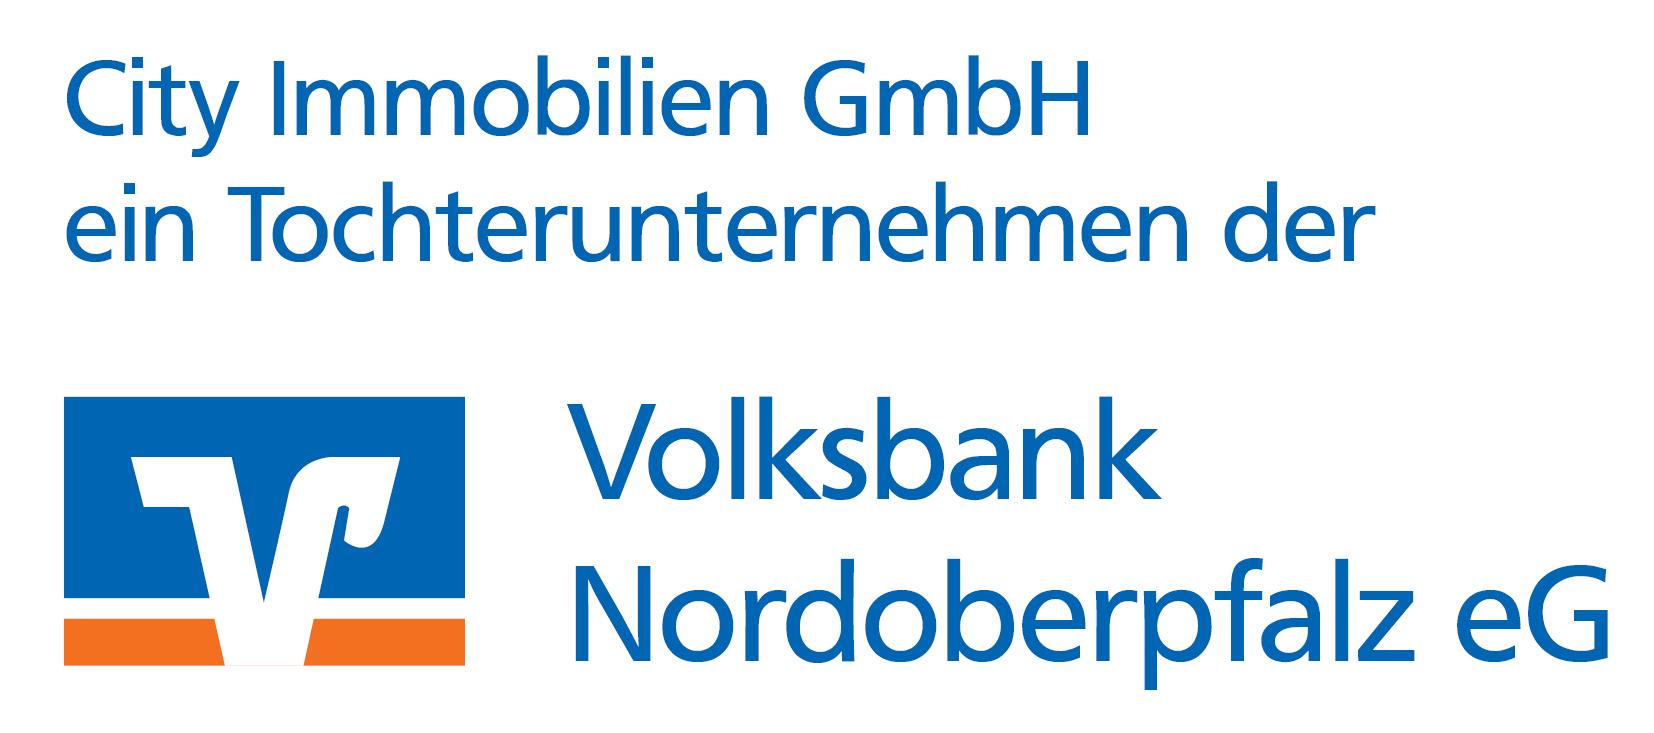 Hier sehen Sie das Logo von City Immobilien GmbH